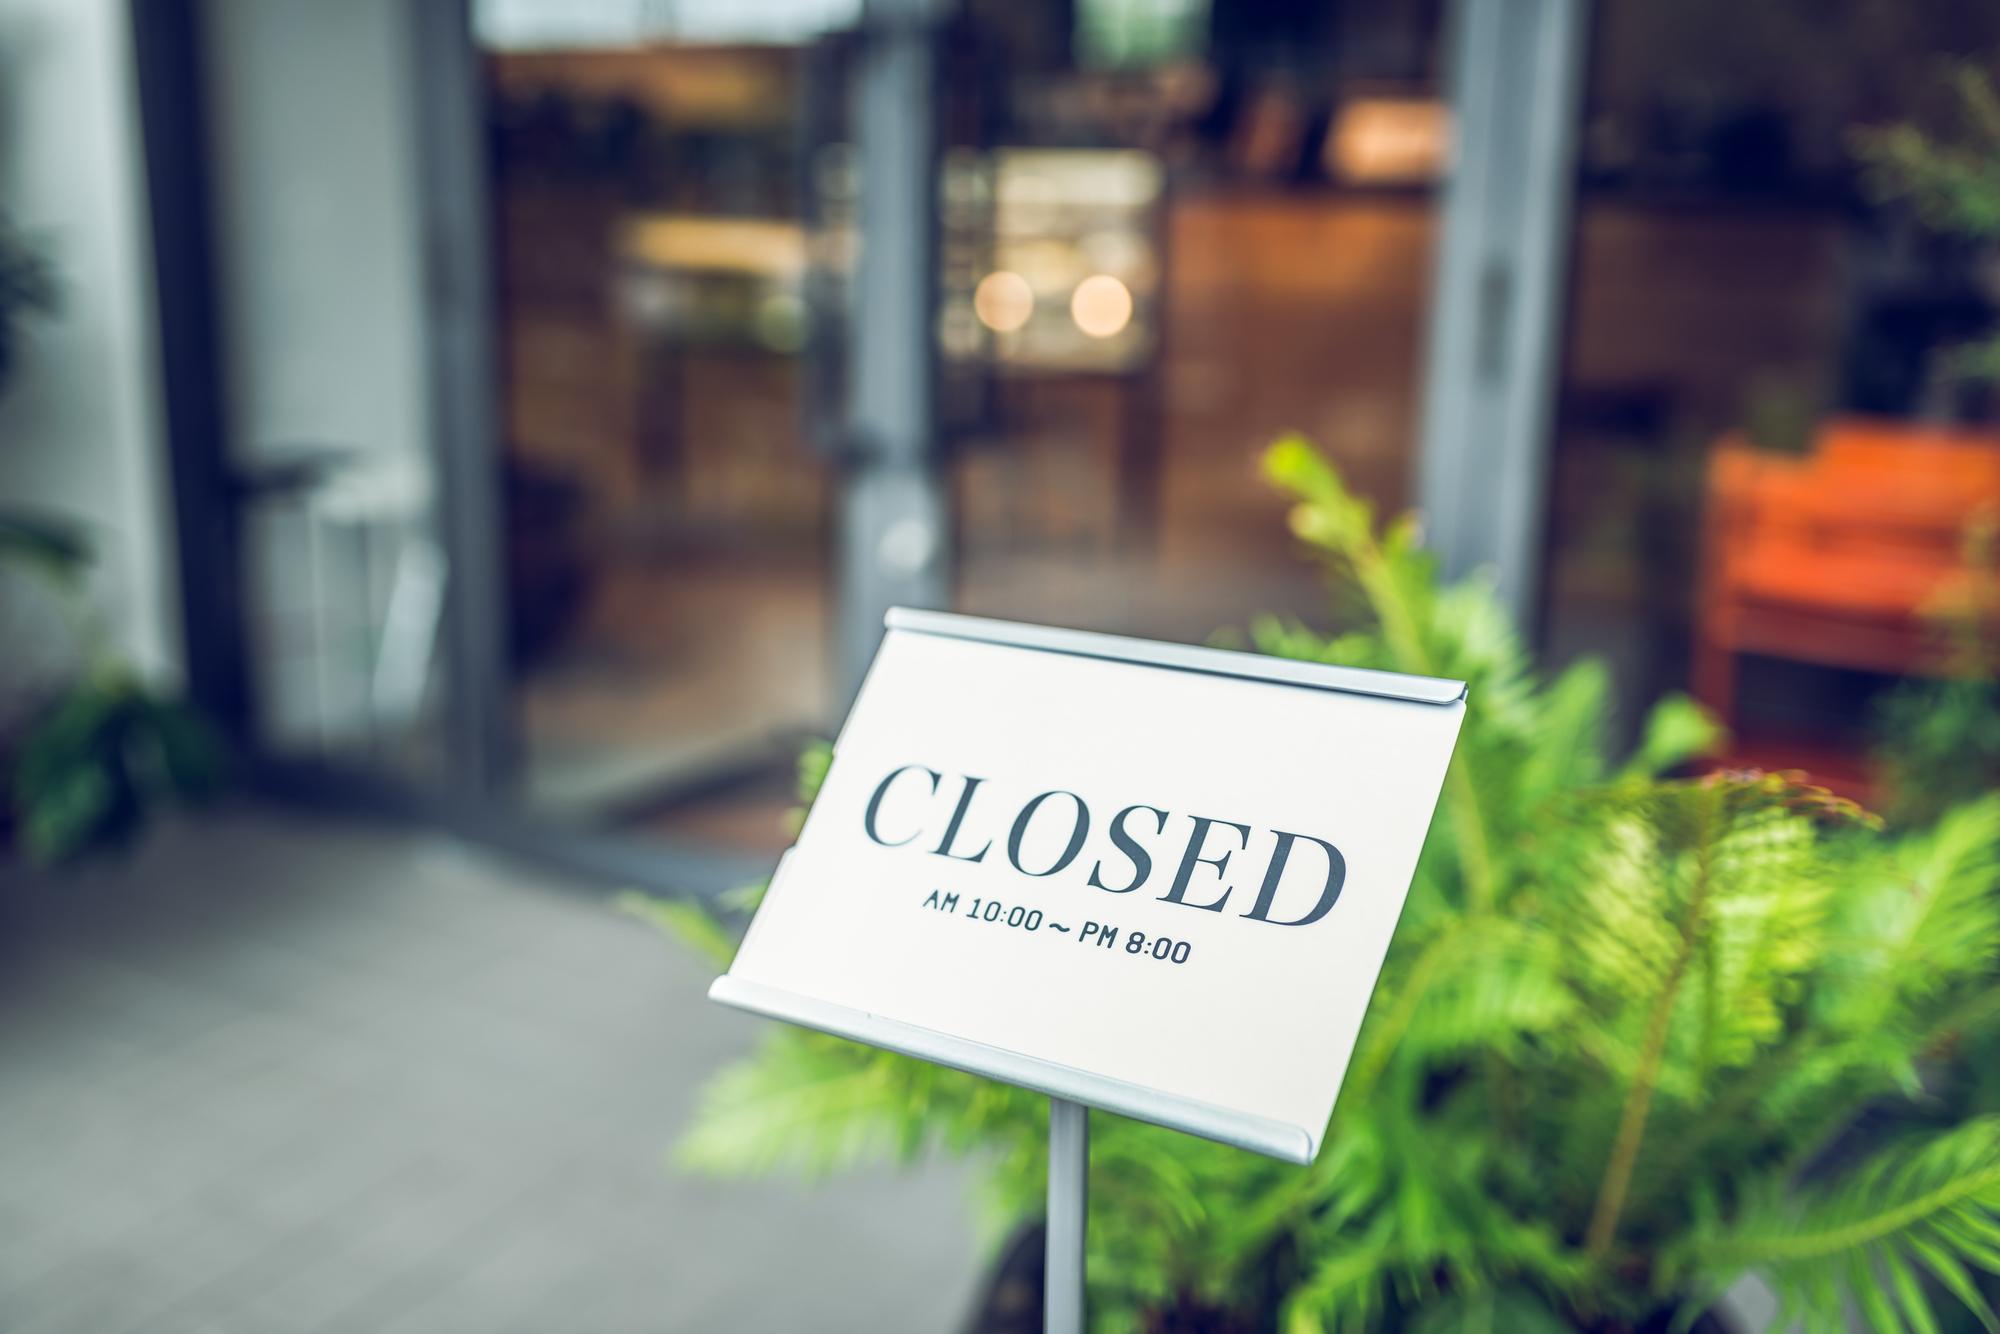 居抜きで店舗を閉店売却する方法。